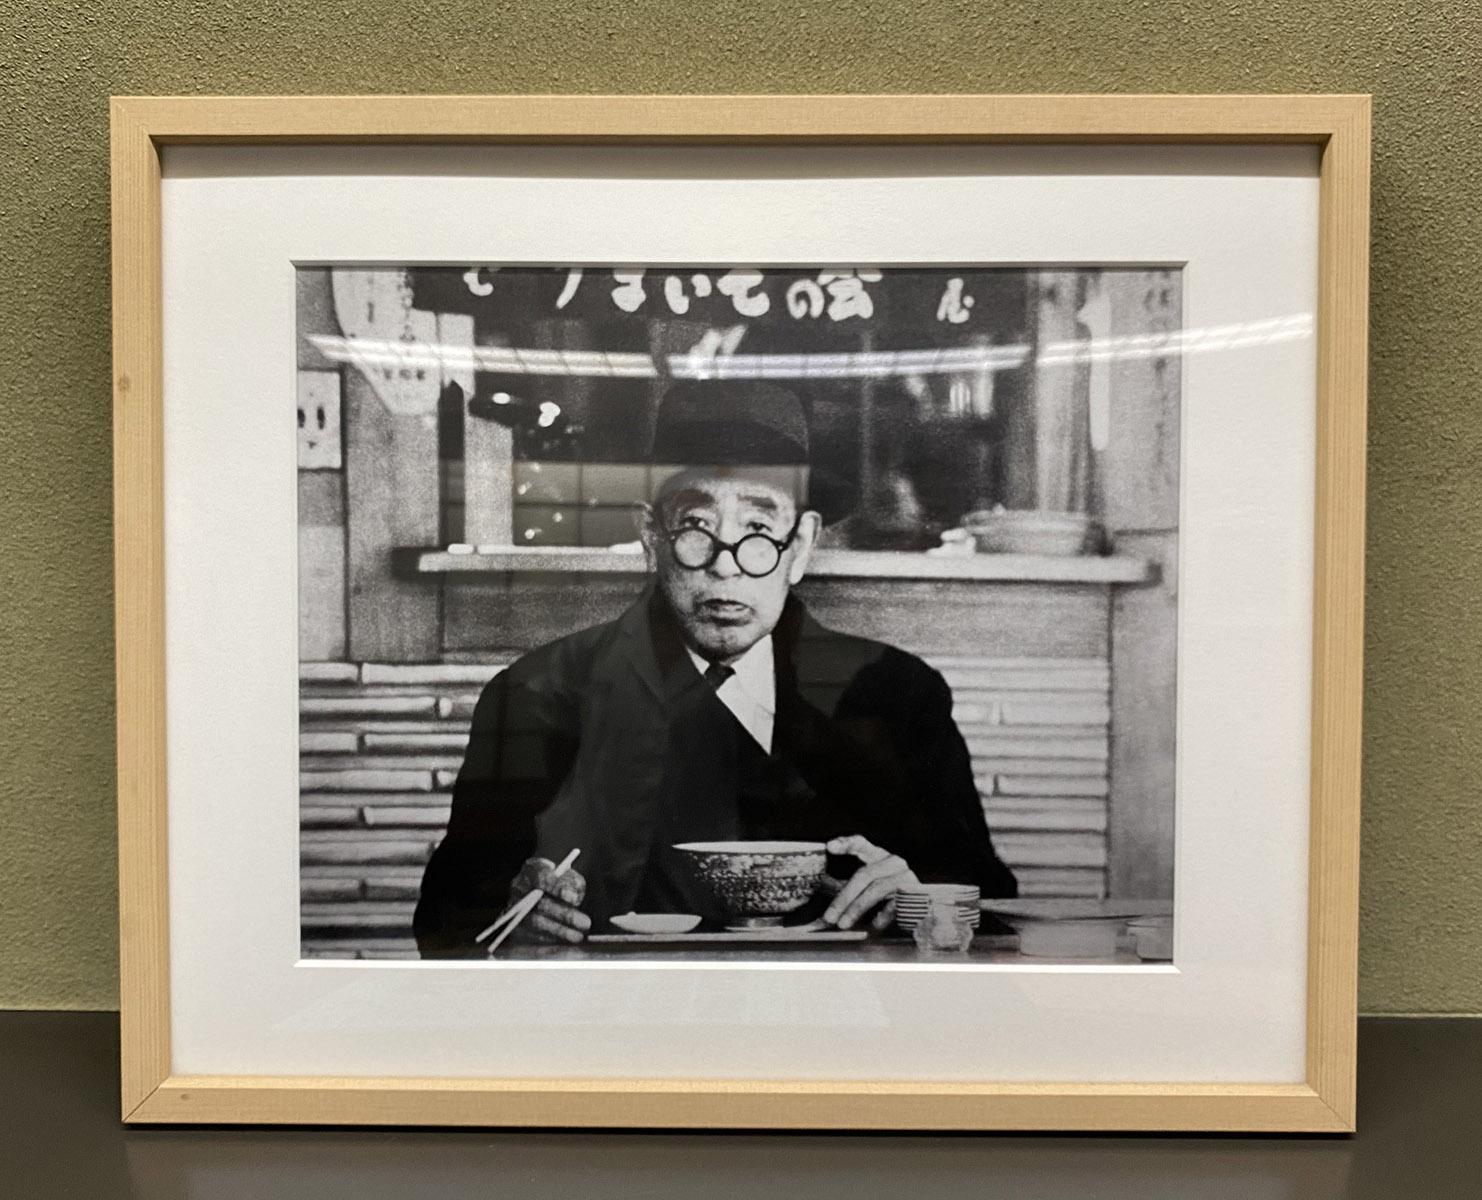 永井荷風は、毎日12時5分に訪れては同じ席に座ってかしわ南蛮を注文したという。